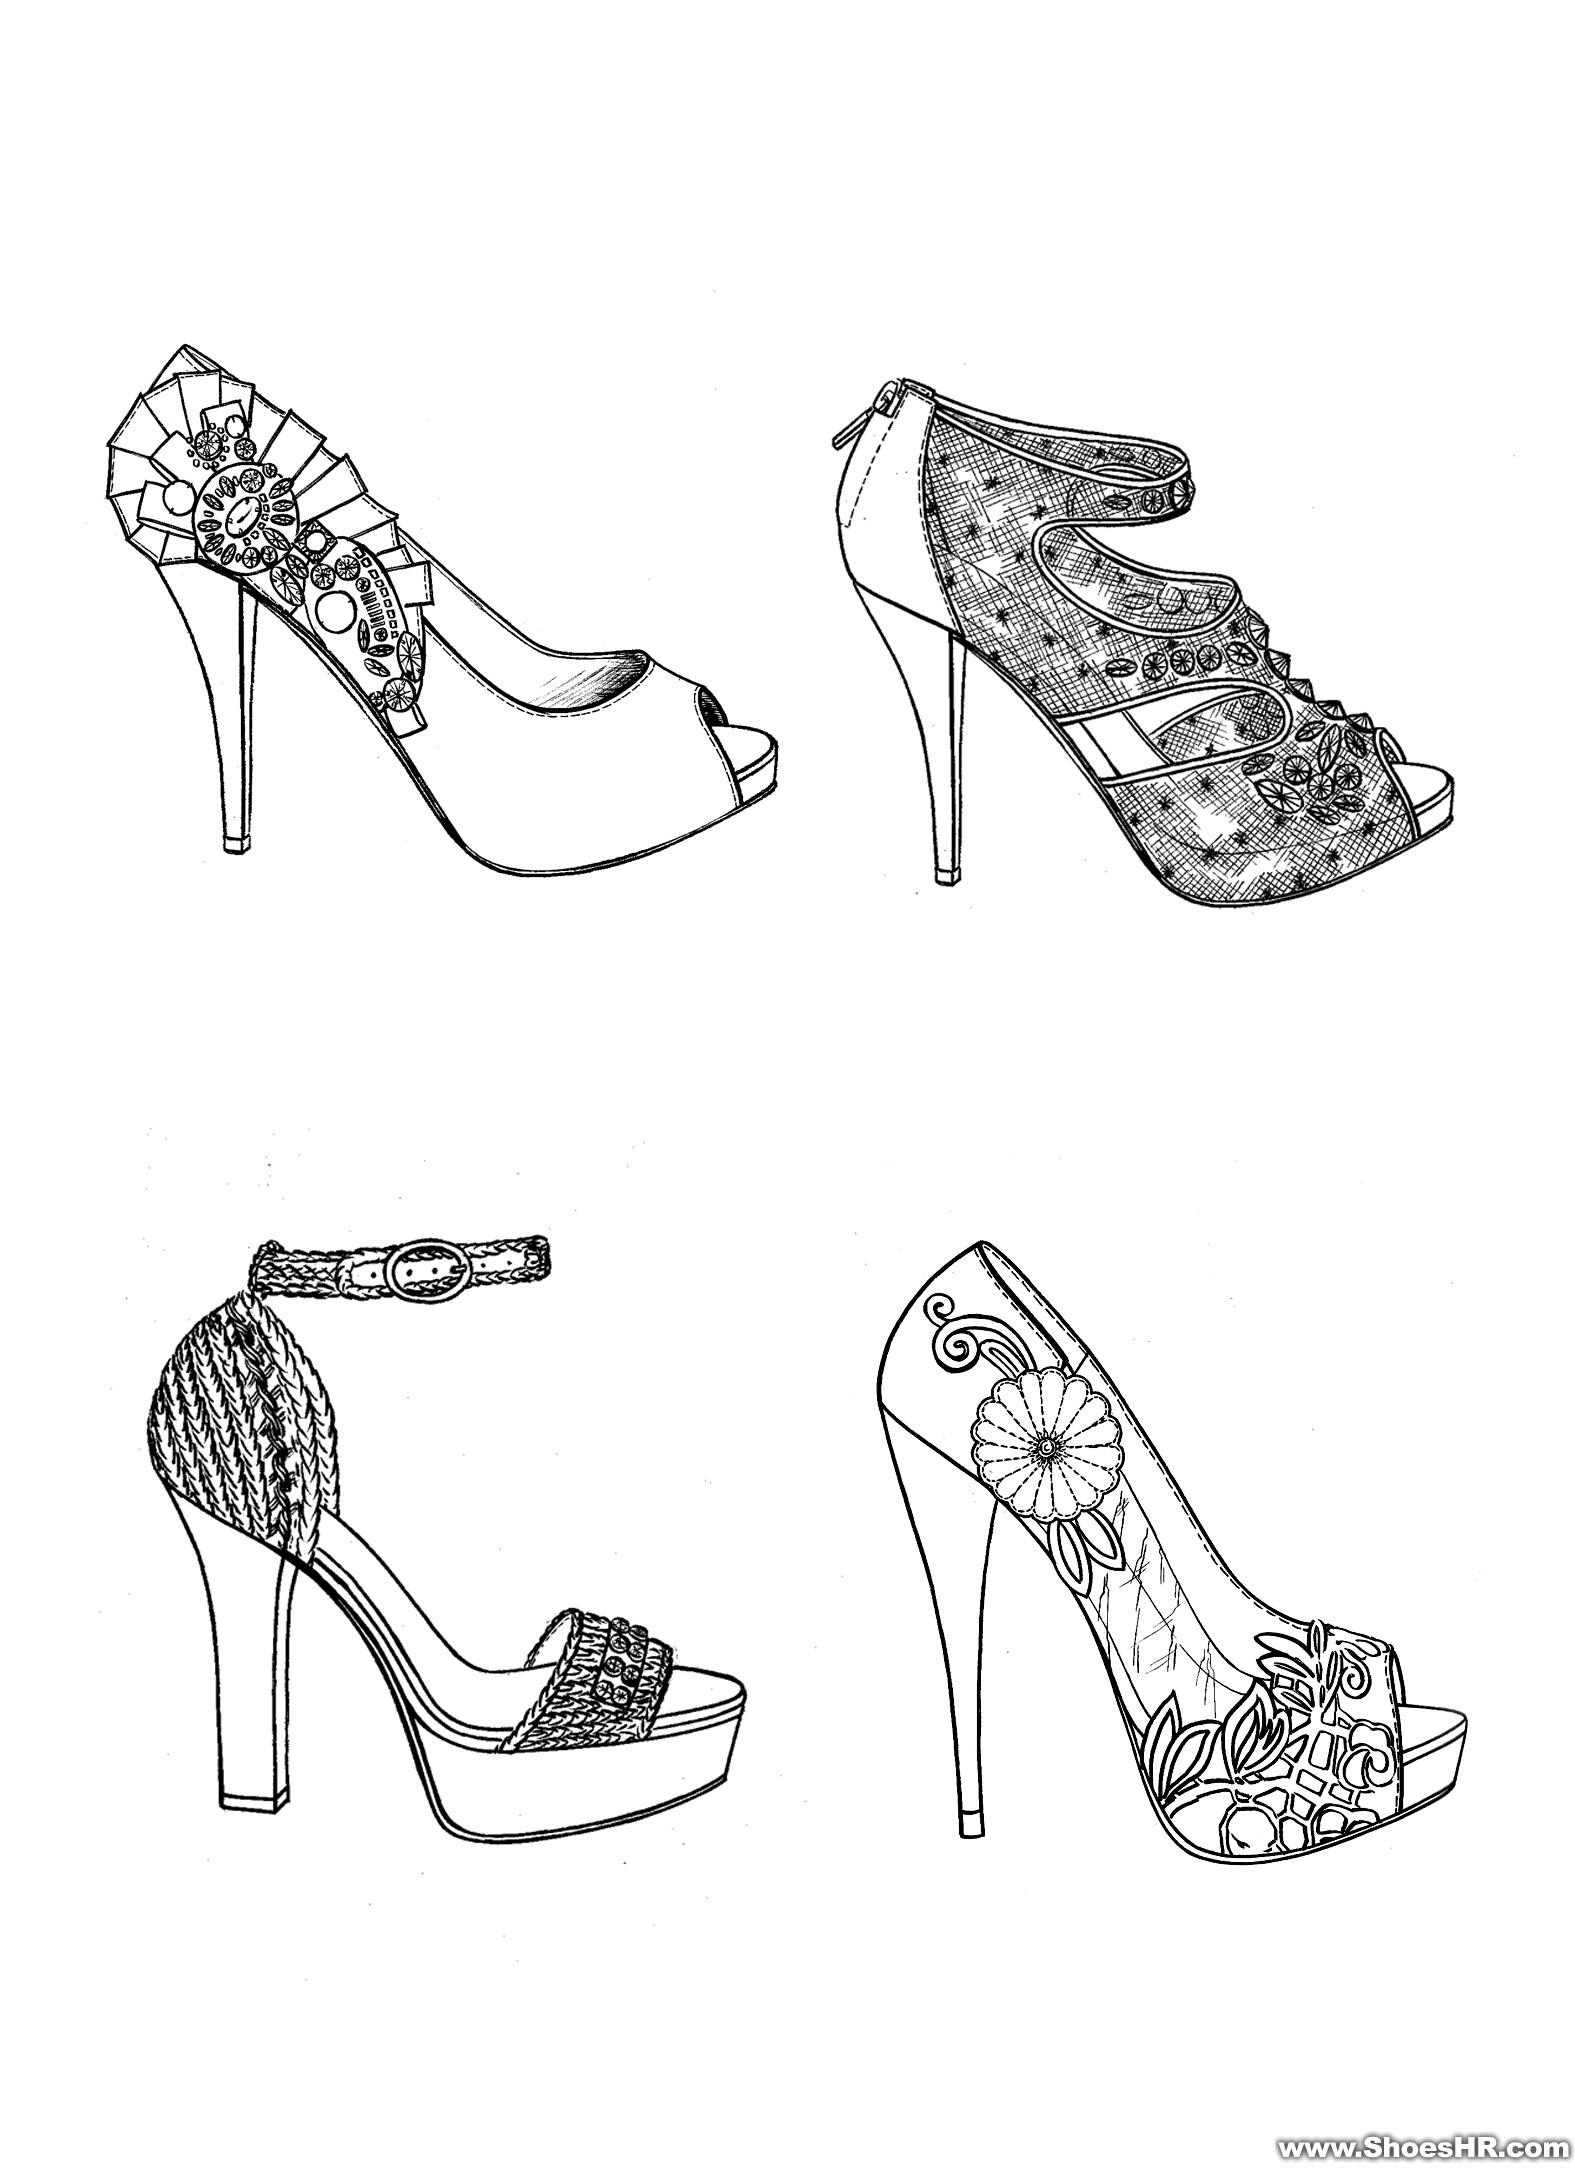 设计图,赖志锋--中国鞋业设计师网